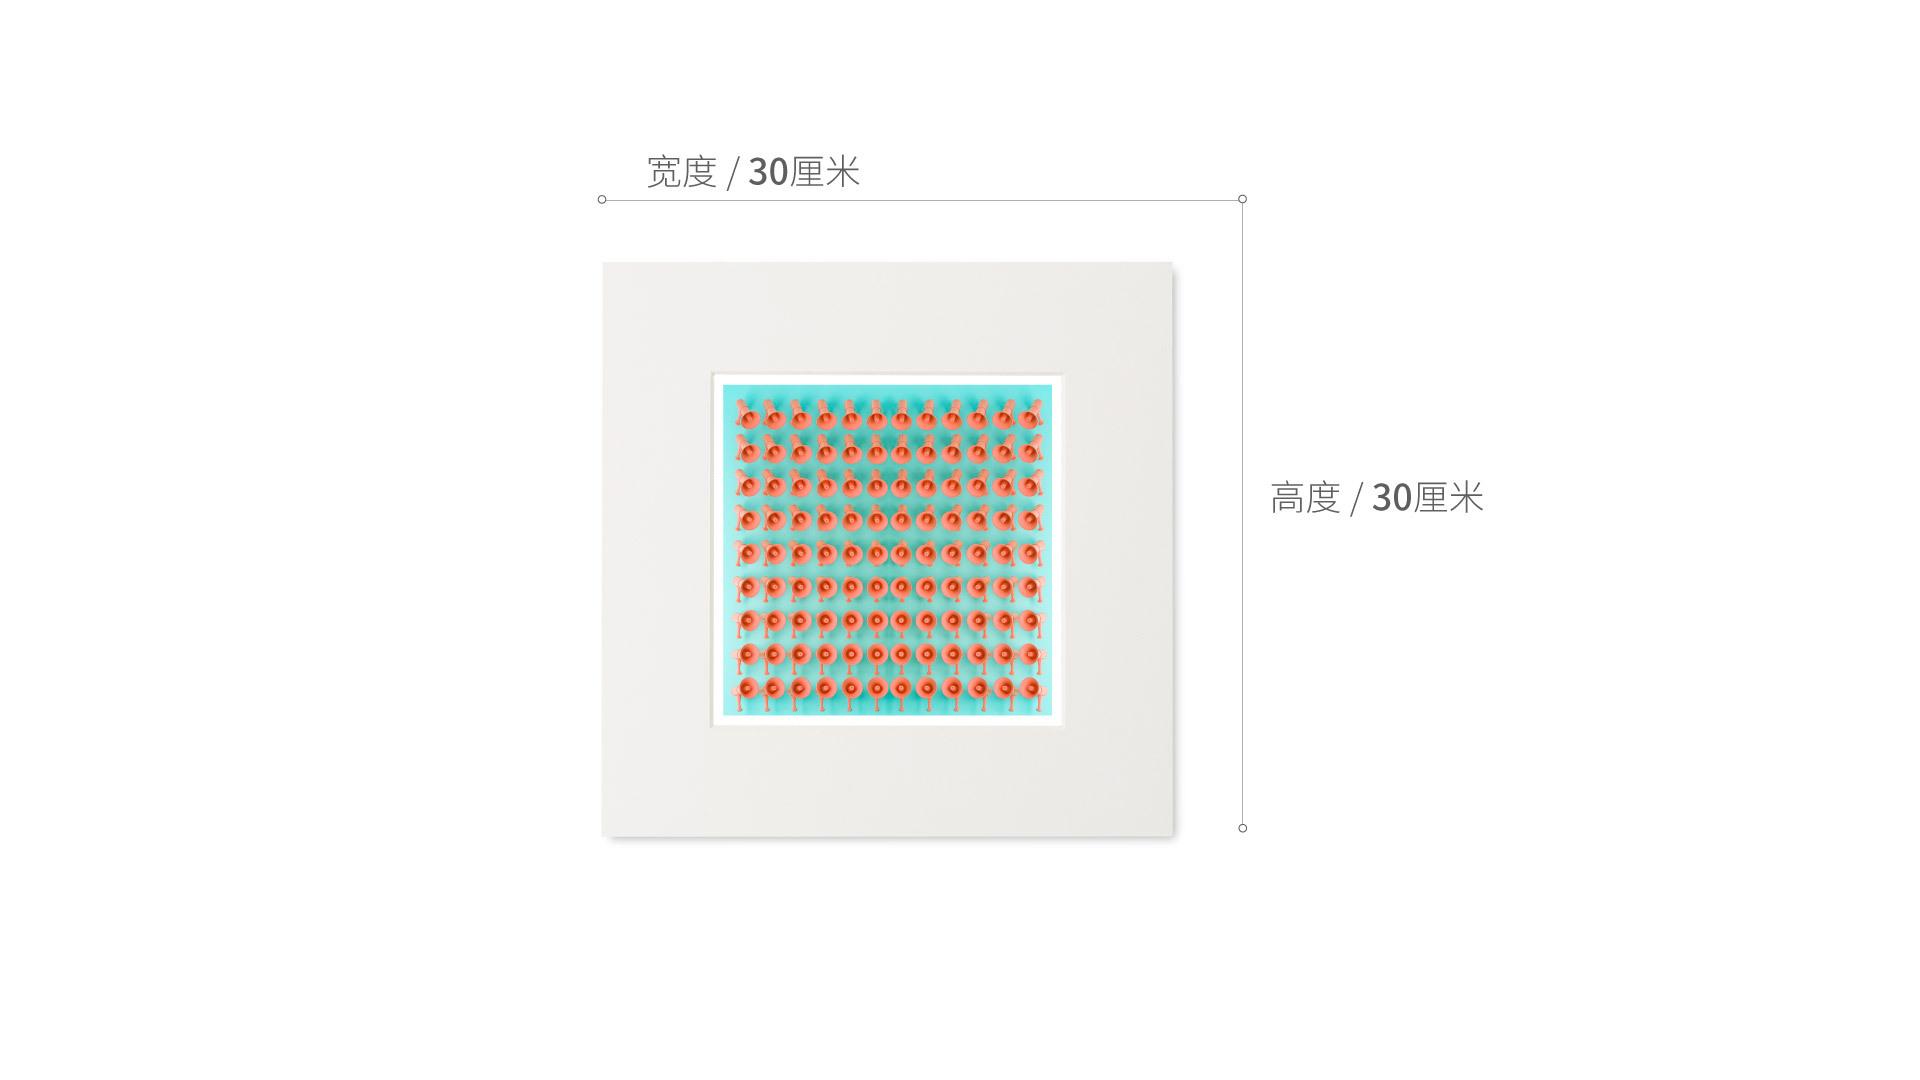 旅行家限量画芯 | Umberto Daina作品3号-水晶粉与静谧蓝3(装裱后)装饰效果图